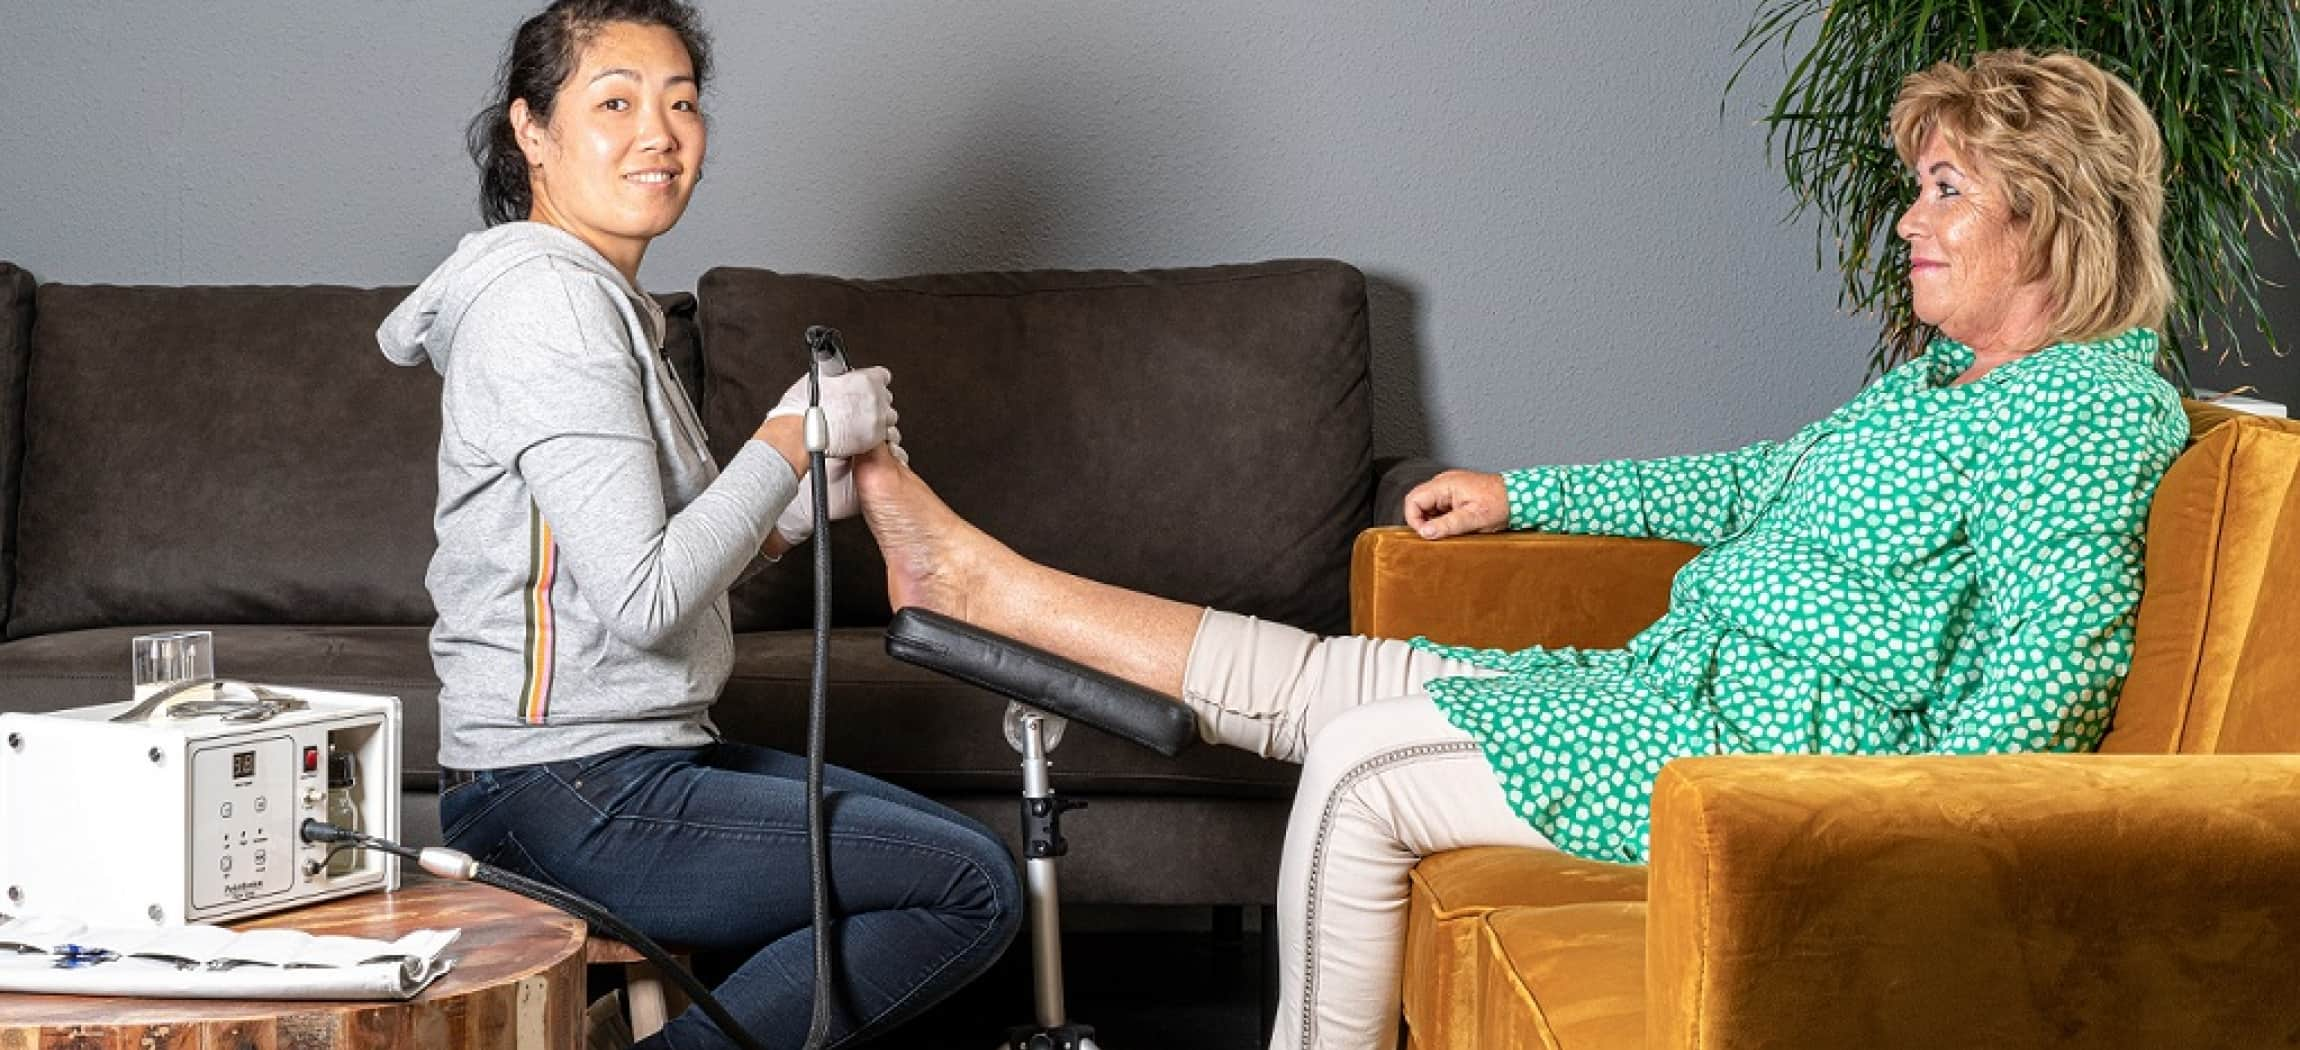 Vrouw met professioneel medisch pedicure toestel behandelt voet van vrouw zittend in fauteuil thuis